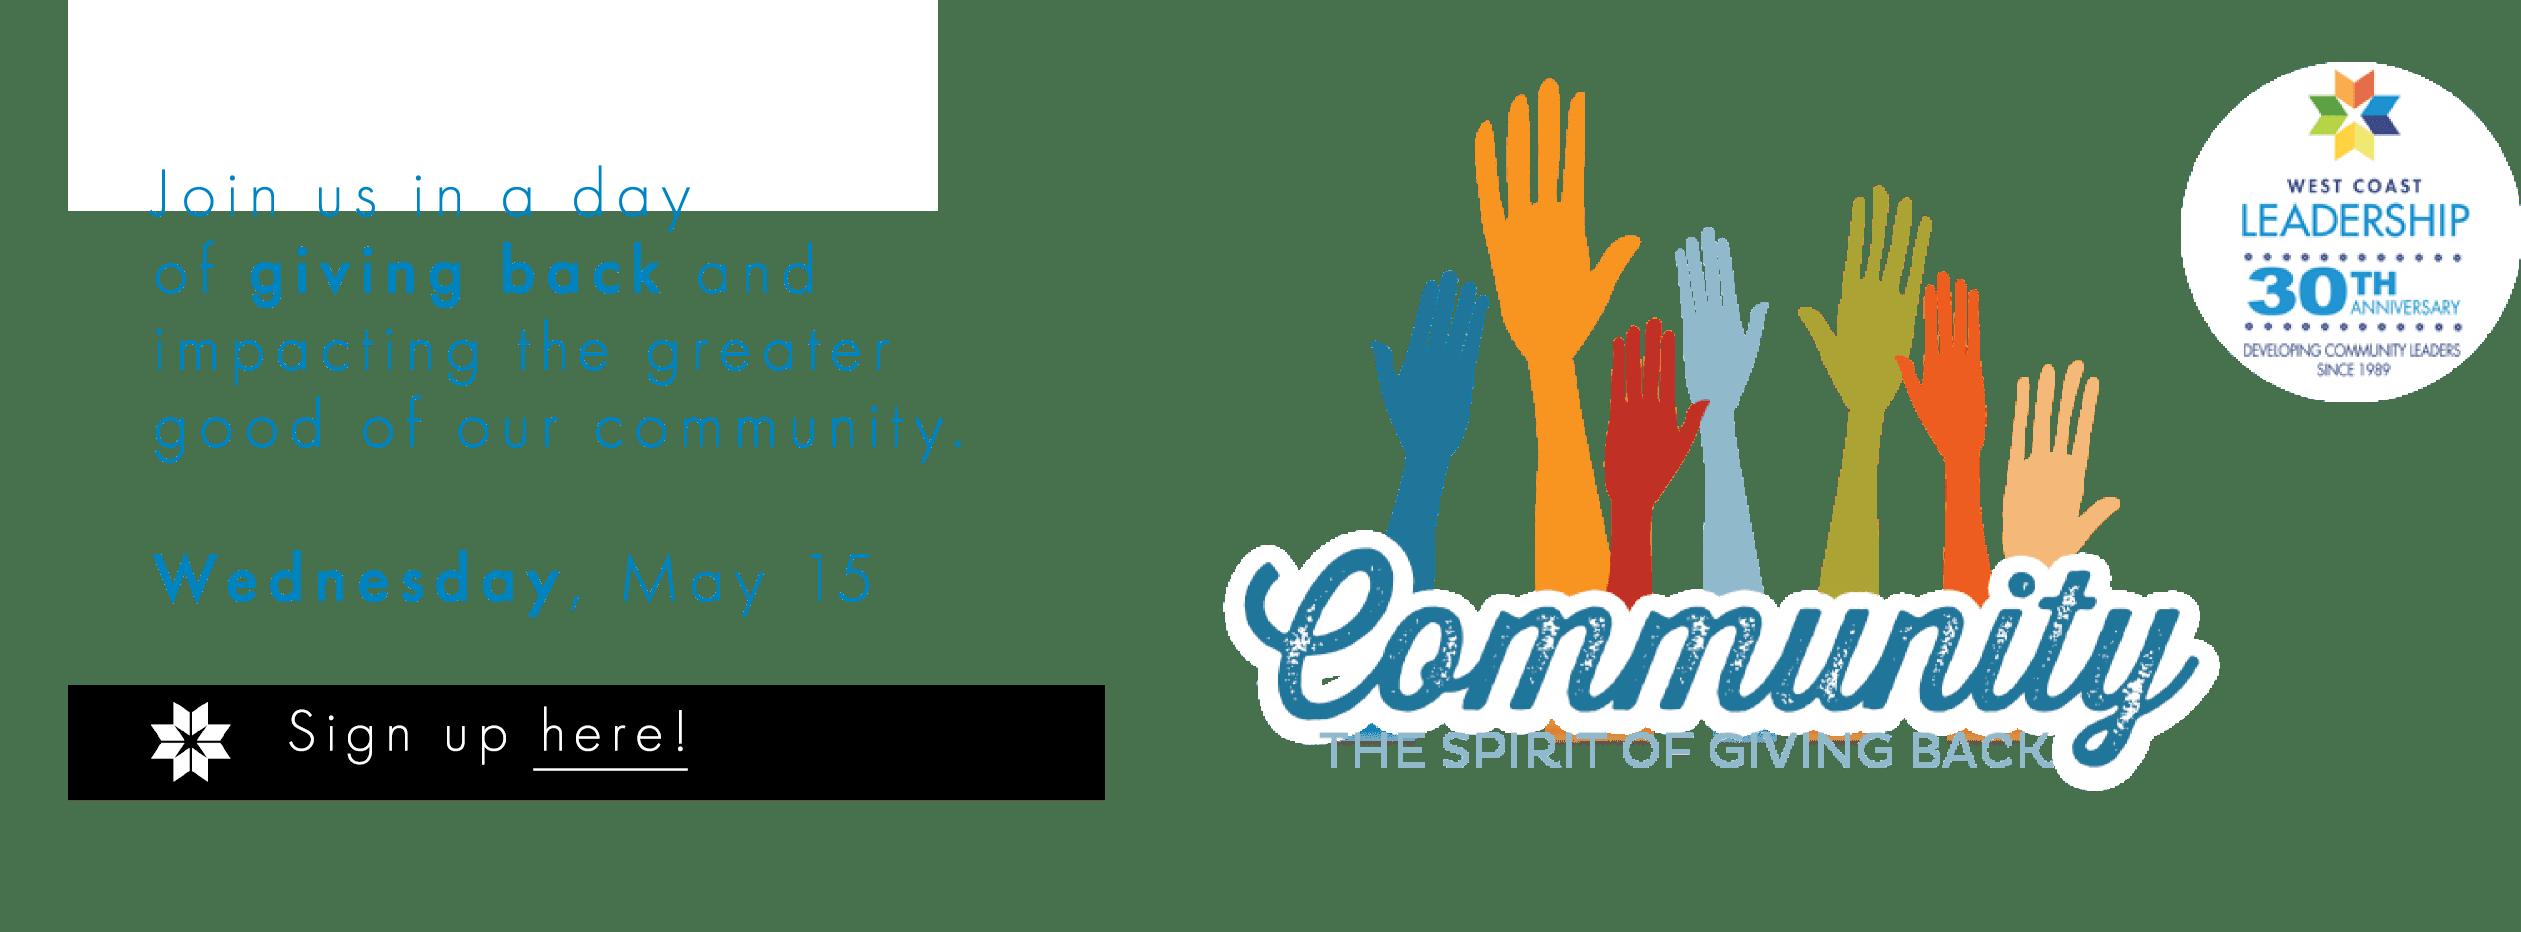 CommunityImpactDayWebsiteHeader-w2521.png